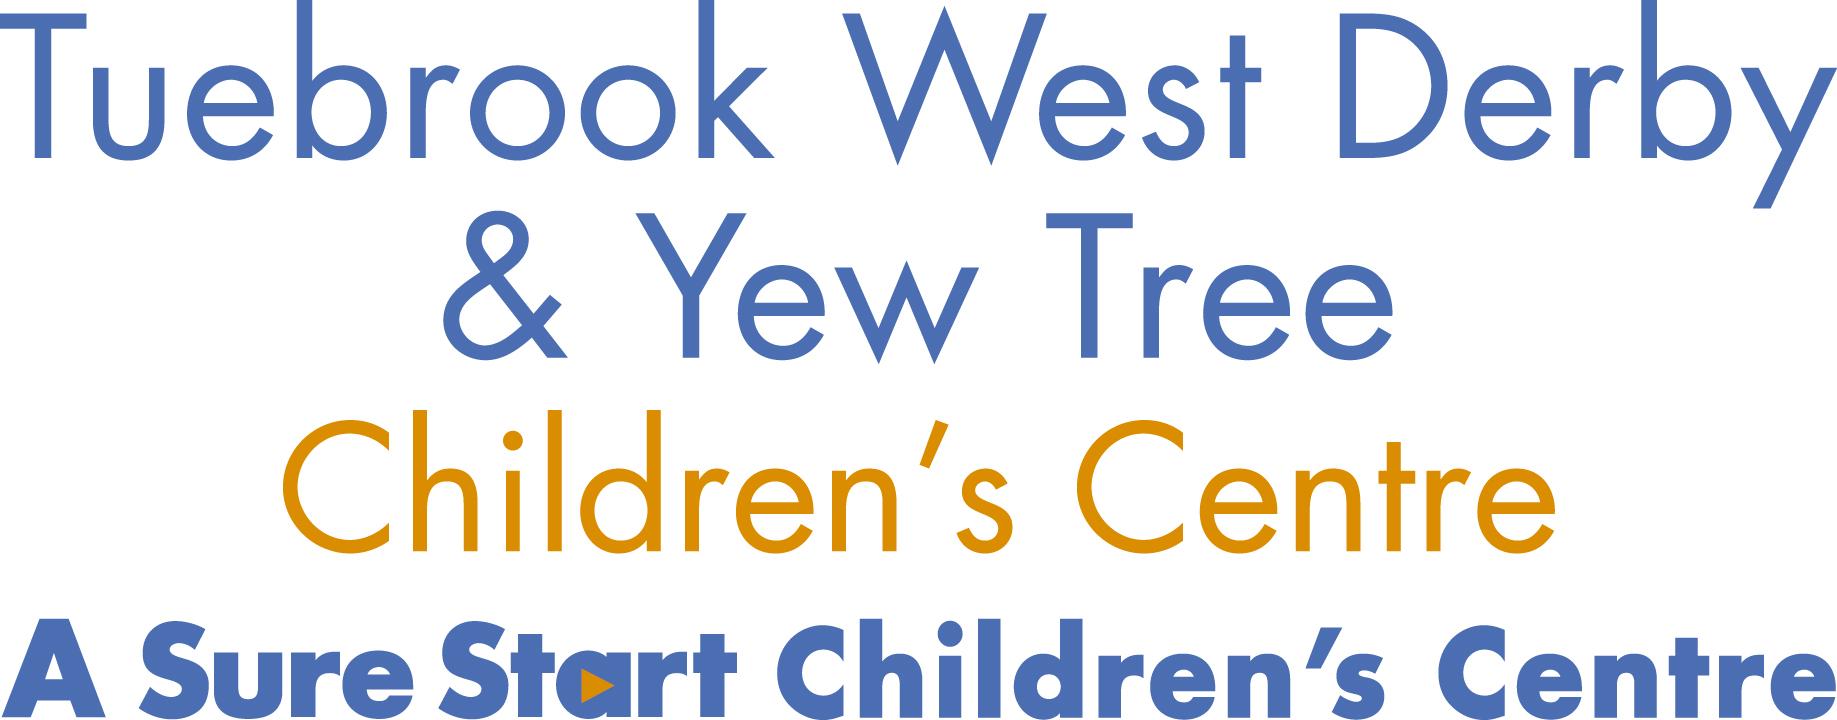 Tuebrook, West Derby & Yew Tree Children Centre's logo